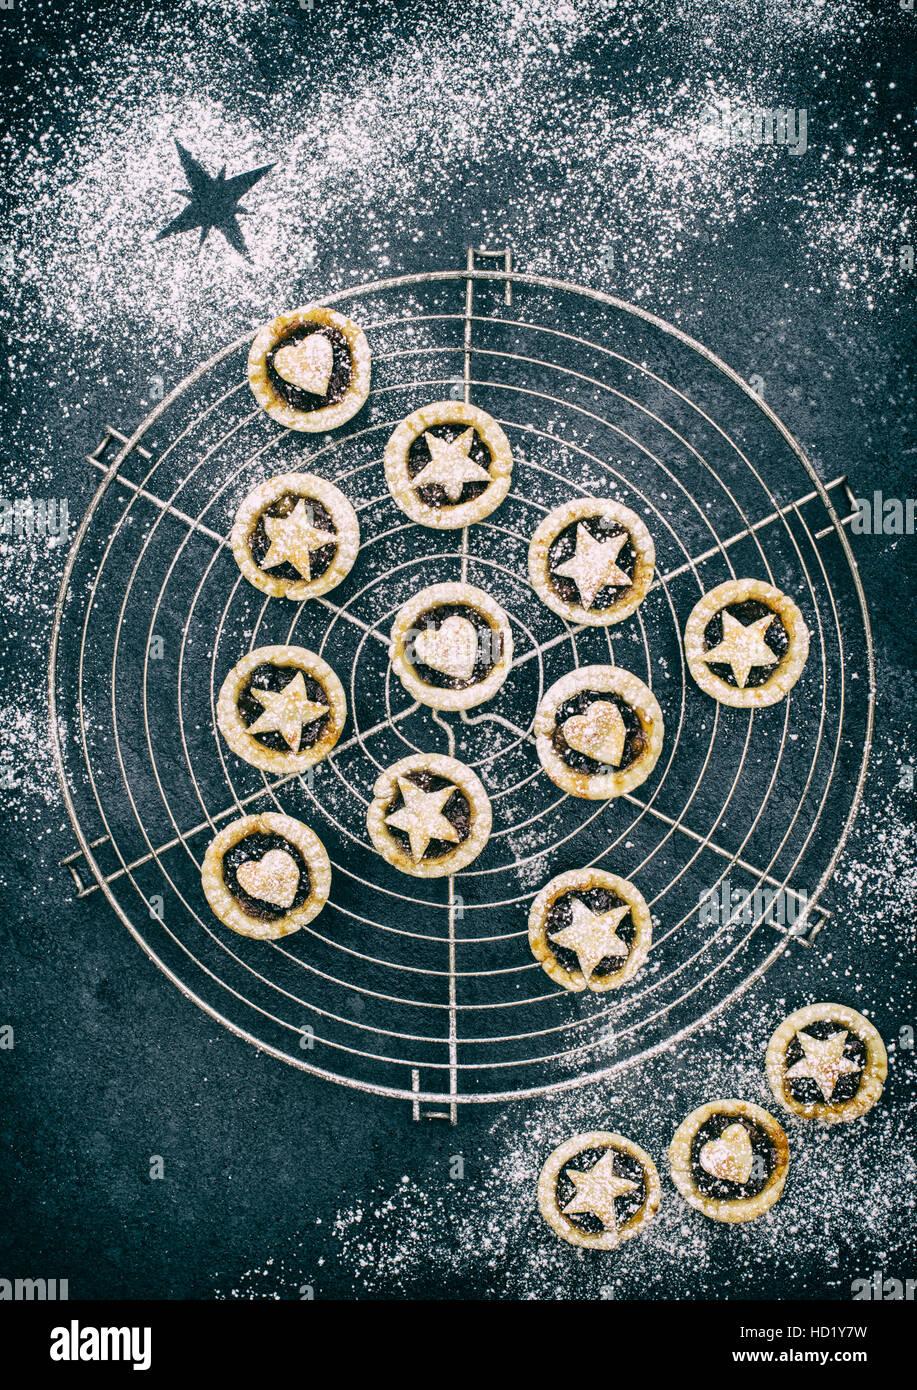 Maison de boulangerie mini tartelettes en forme d'un arbre de Noël avec des coeurs et des étoiles Photo Stock